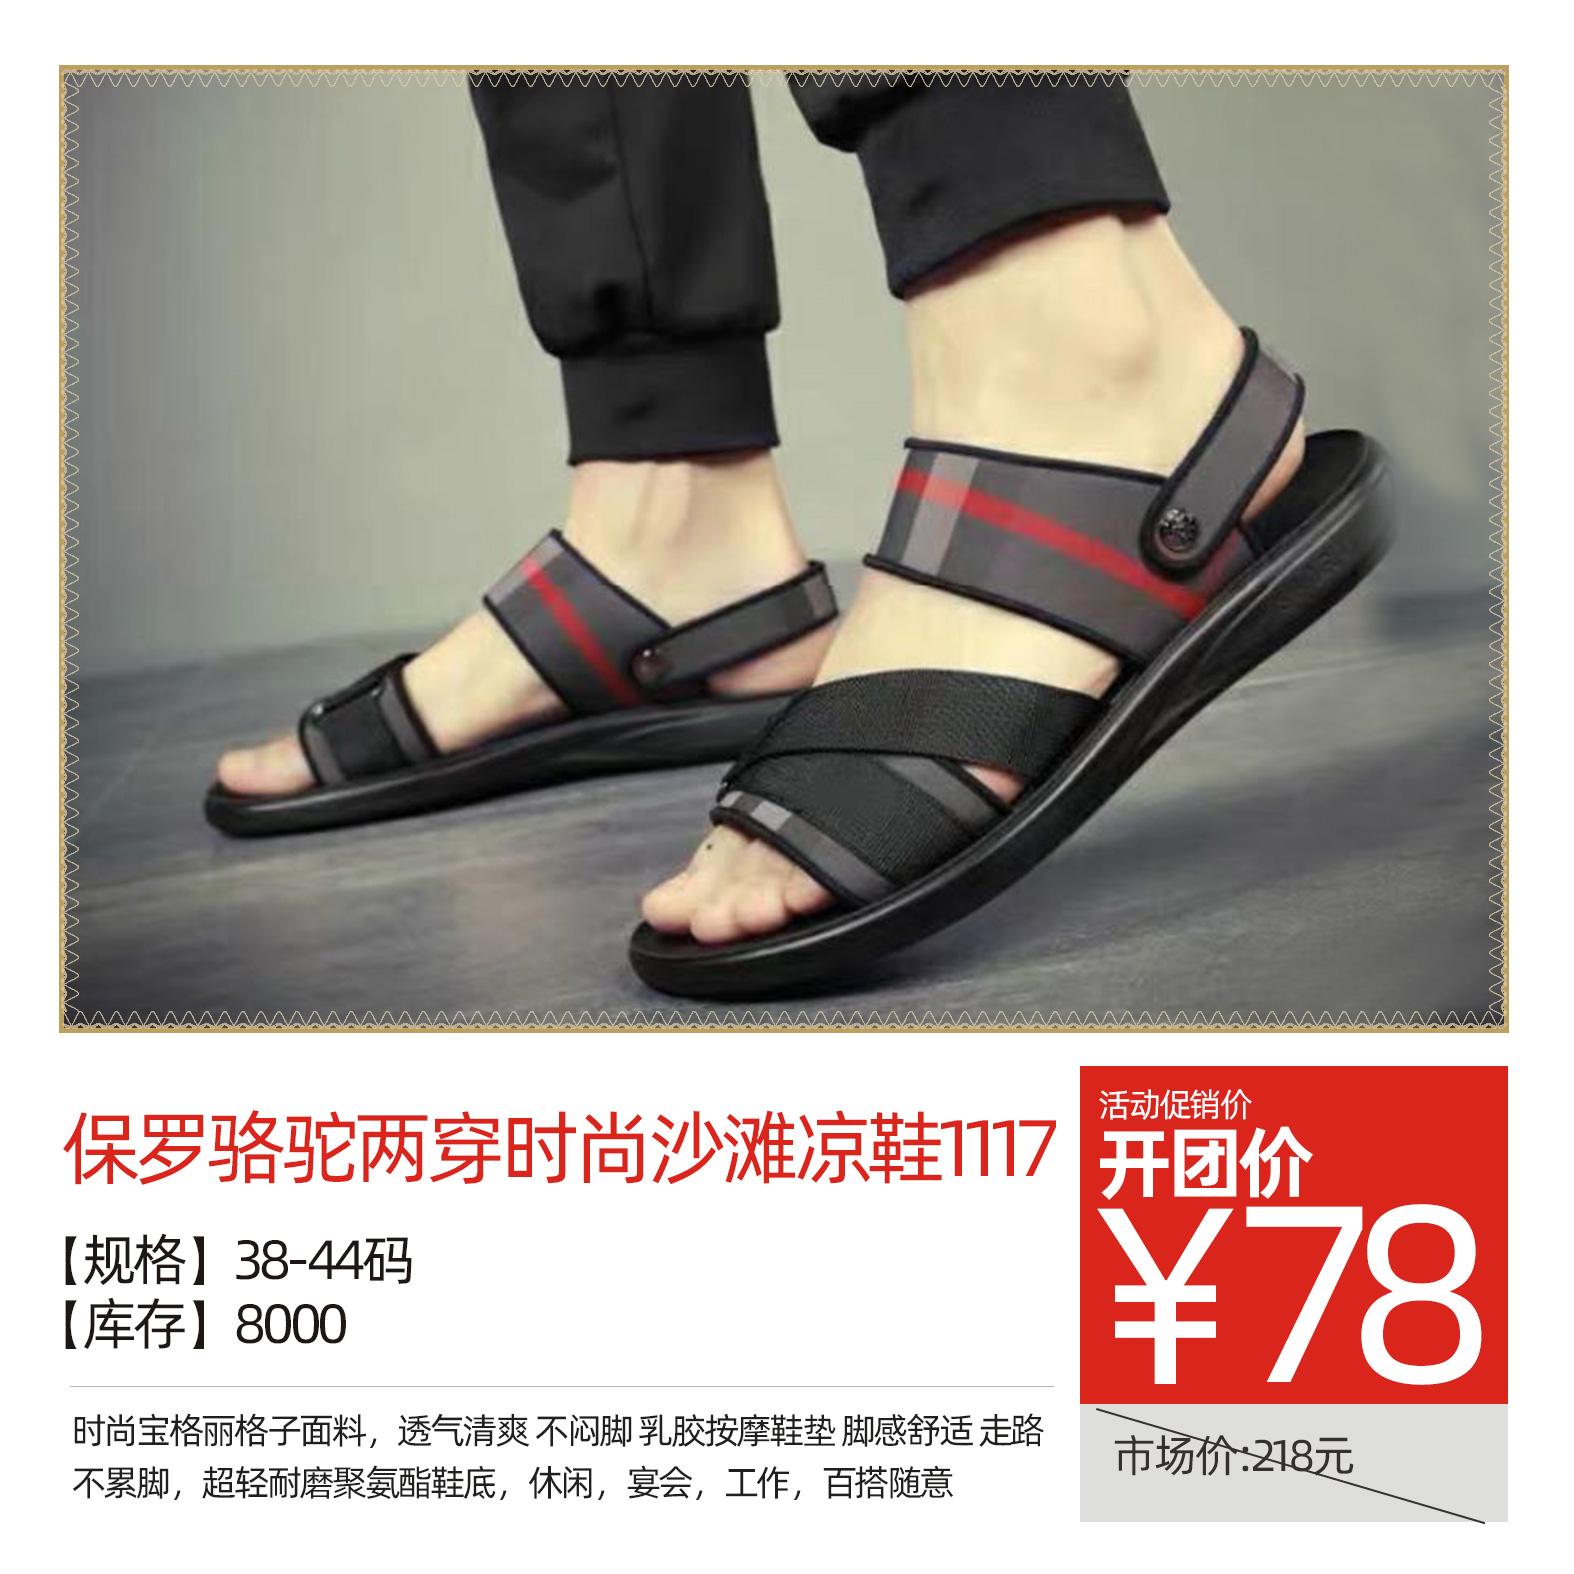 保罗骆驼两穿时尚沙滩凉鞋1117